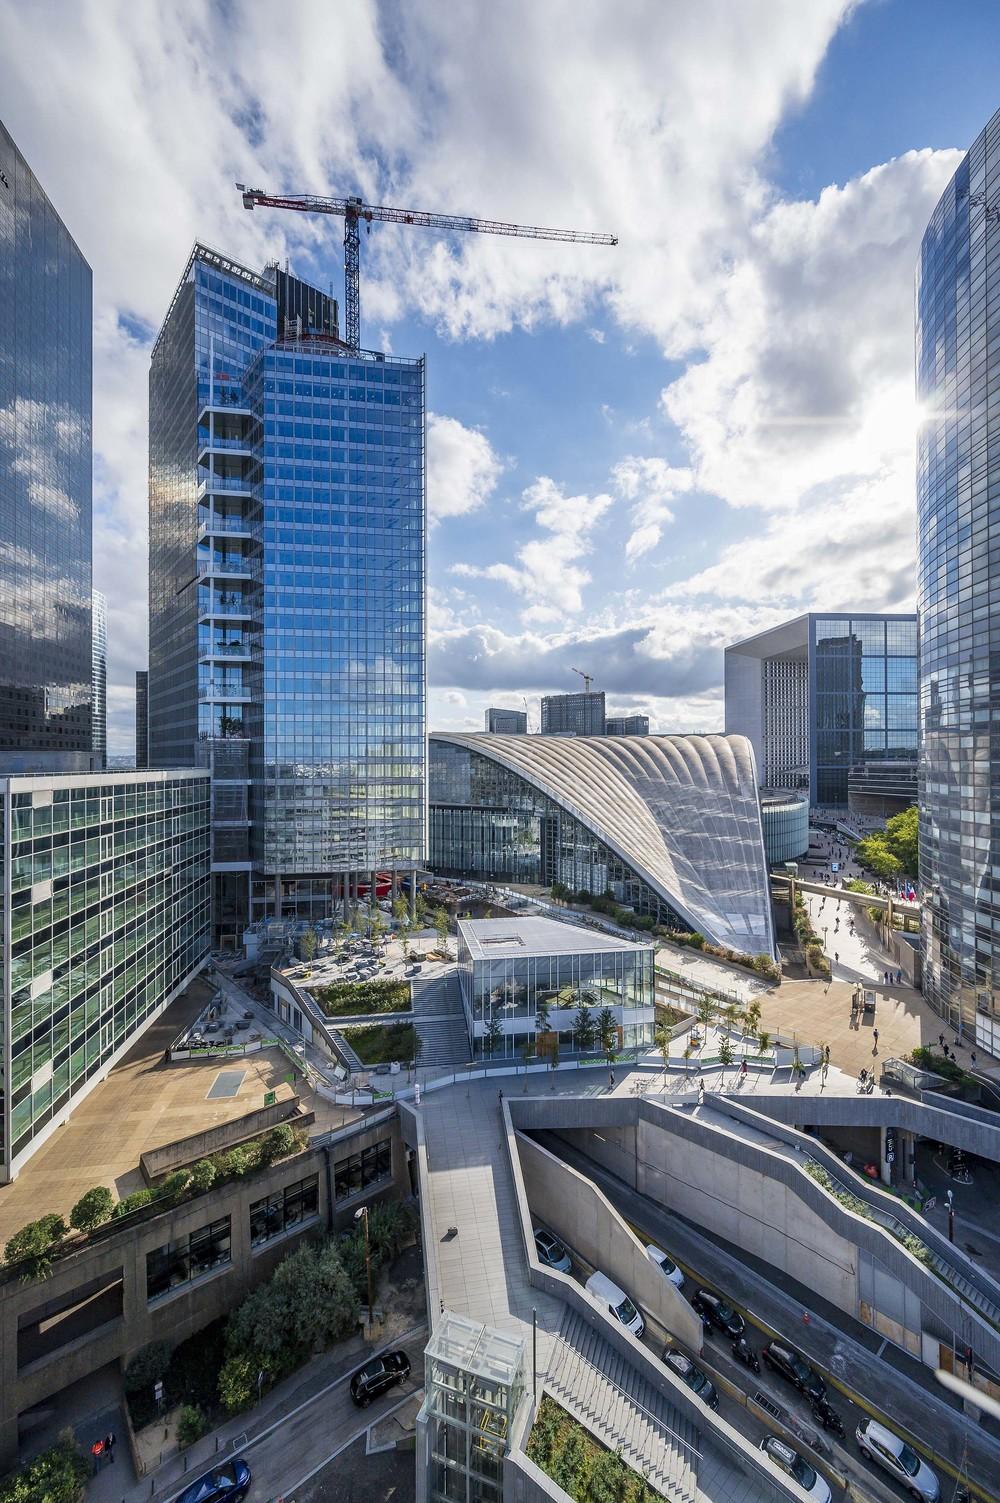 Cro&Co construit hors sol la tour Trinity pour Unibail - © Cro&Co